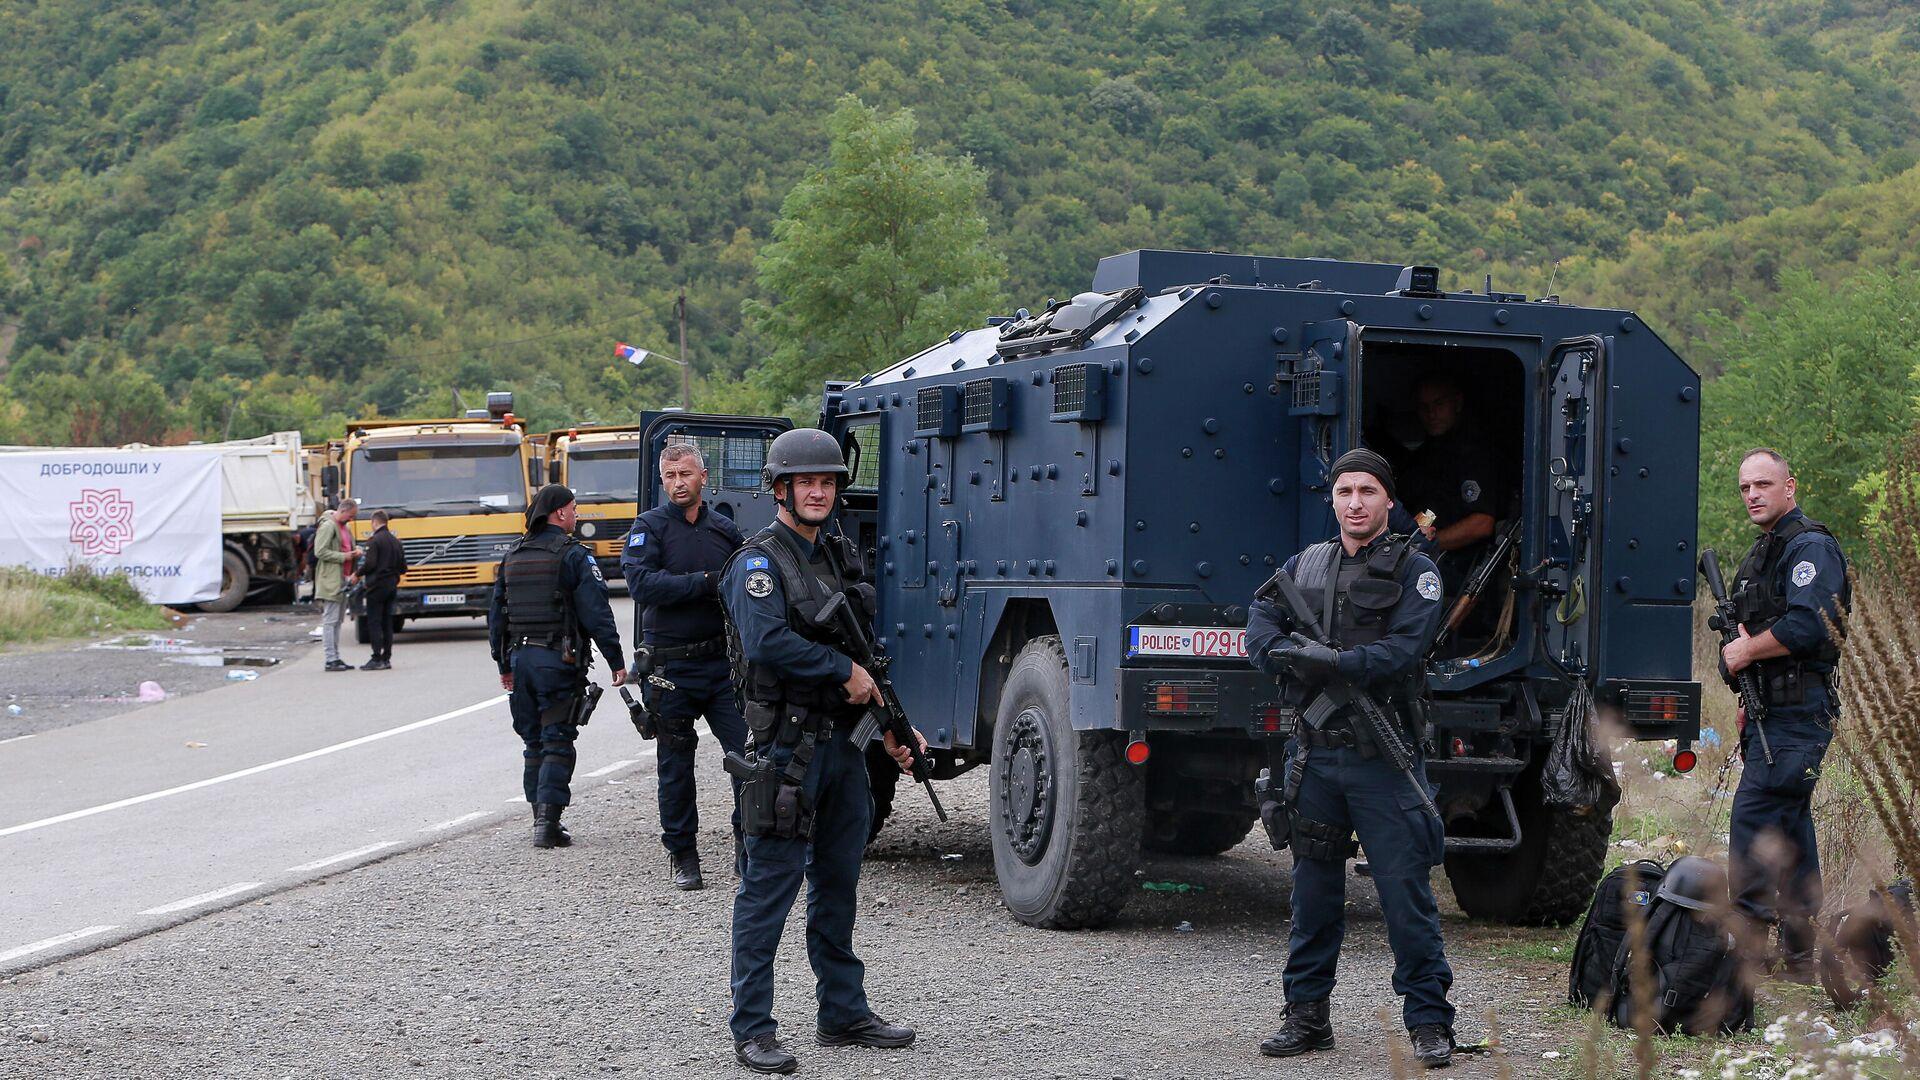 Припадници специјалних полицијских снага РОСУ на северу Косова и Метохије - Sputnik Србија, 1920, 23.09.2021